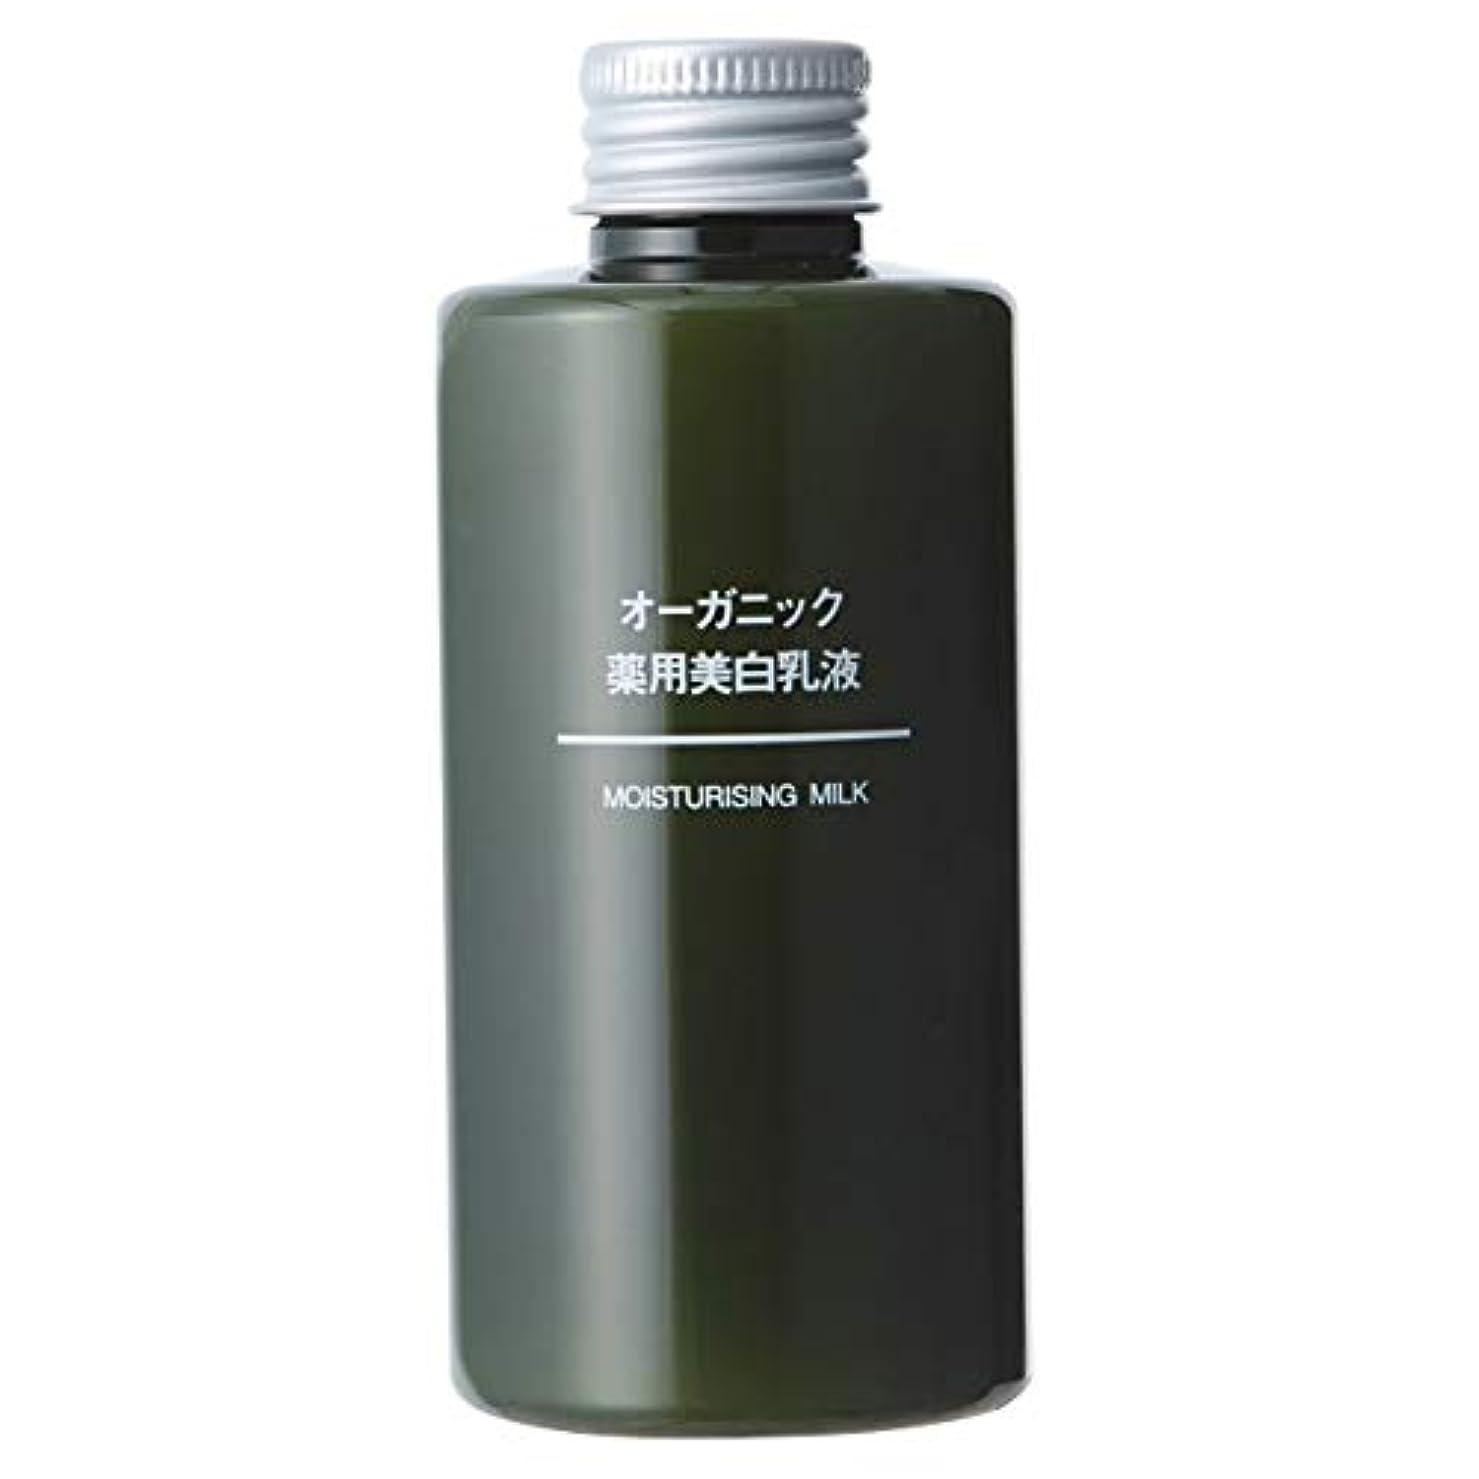 トロイの木馬アスペクト一緒に無印良品 オーガニック薬用美白乳液 (新)150ml